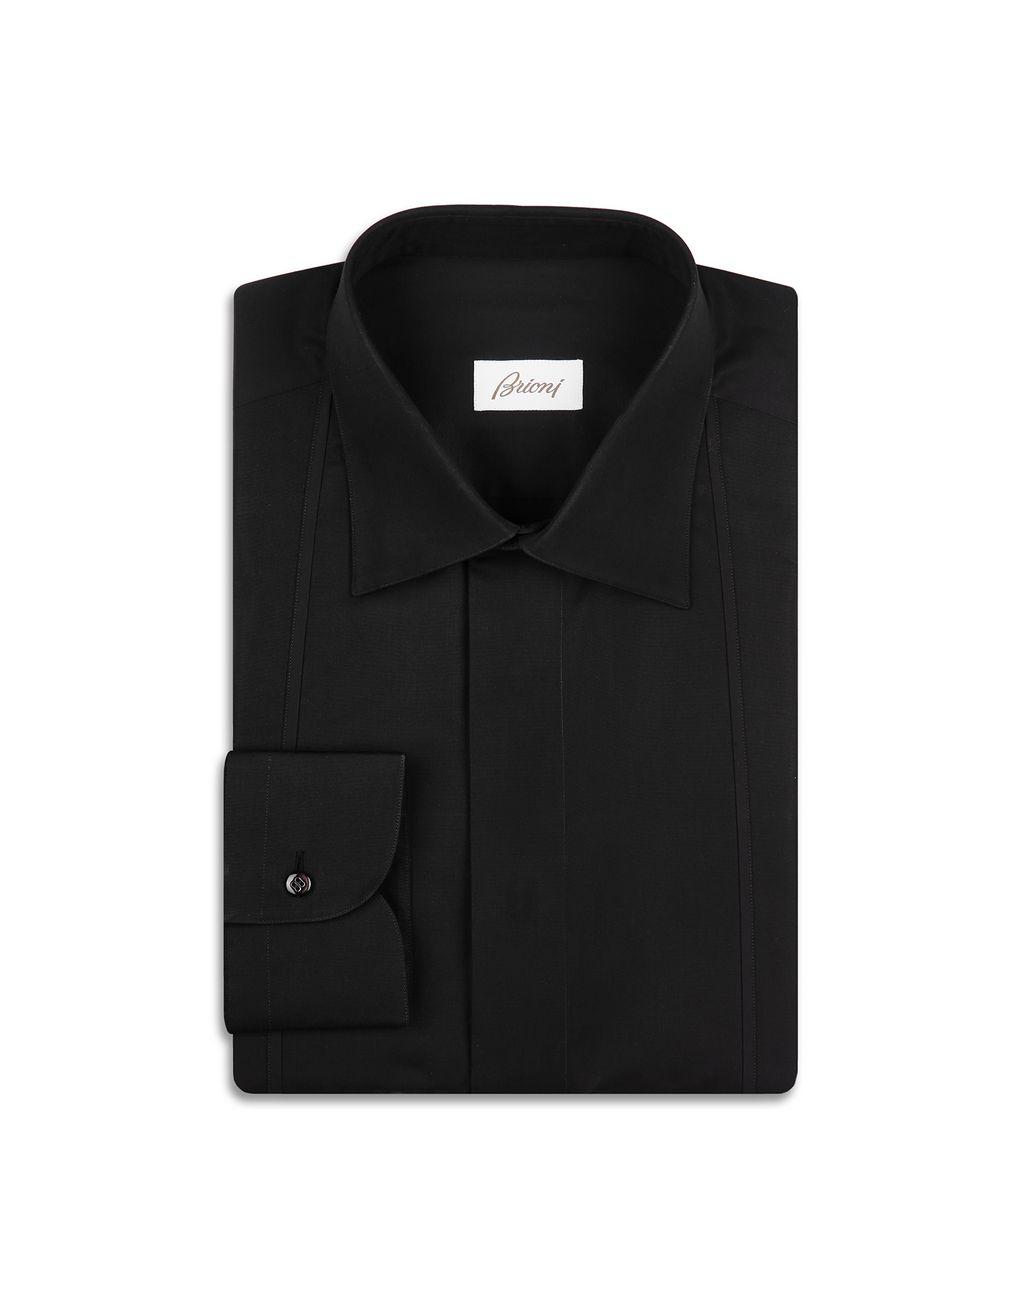 BRIONI Чёрная Вечерняя Рубашка Классическая рубашка Для Мужчин f